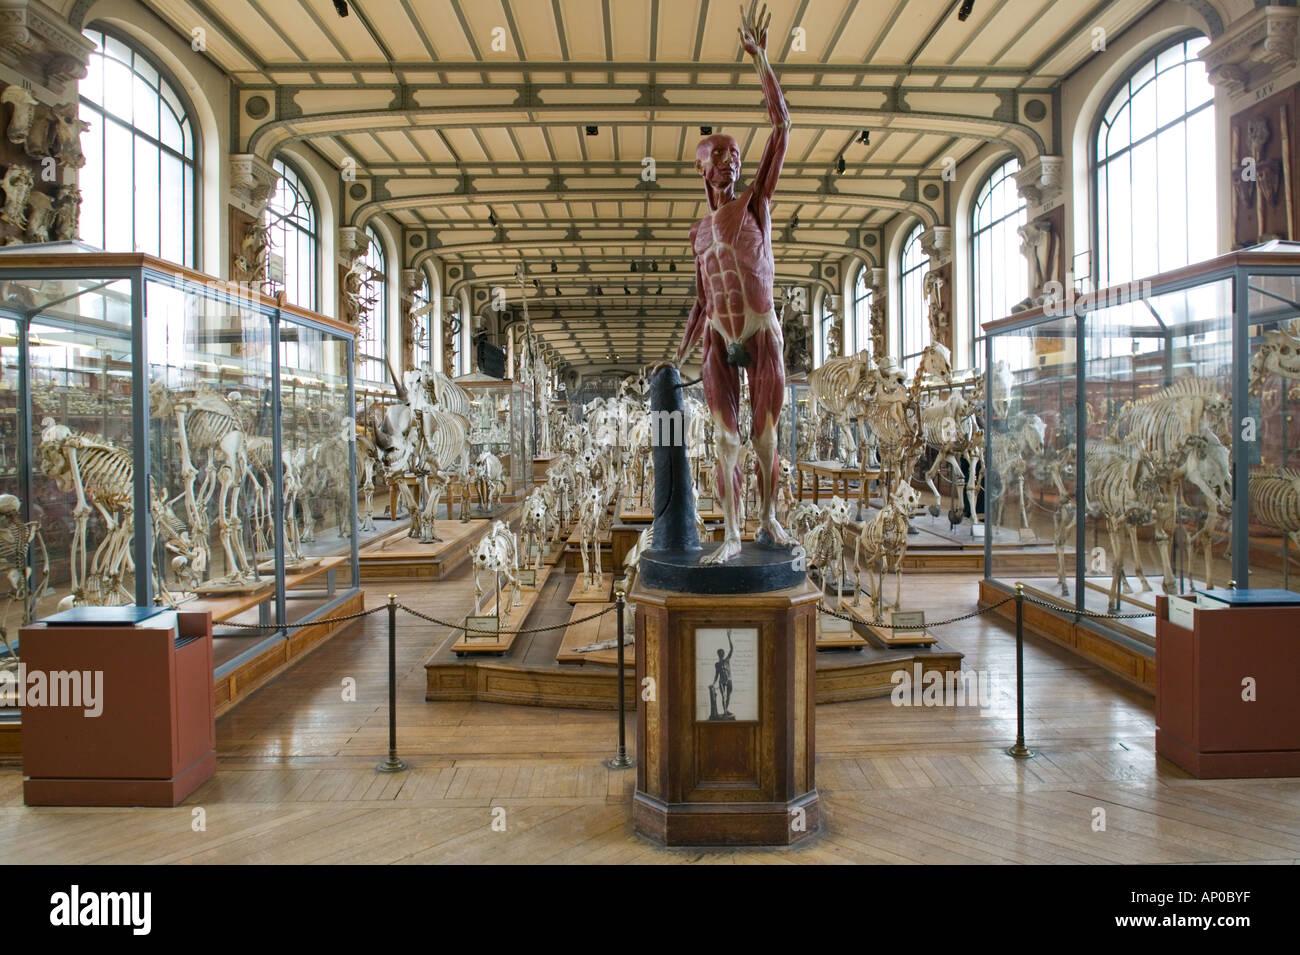 Europa, Francia, Paris Austerlitz: Museo de la Anatomía Comparativa ...